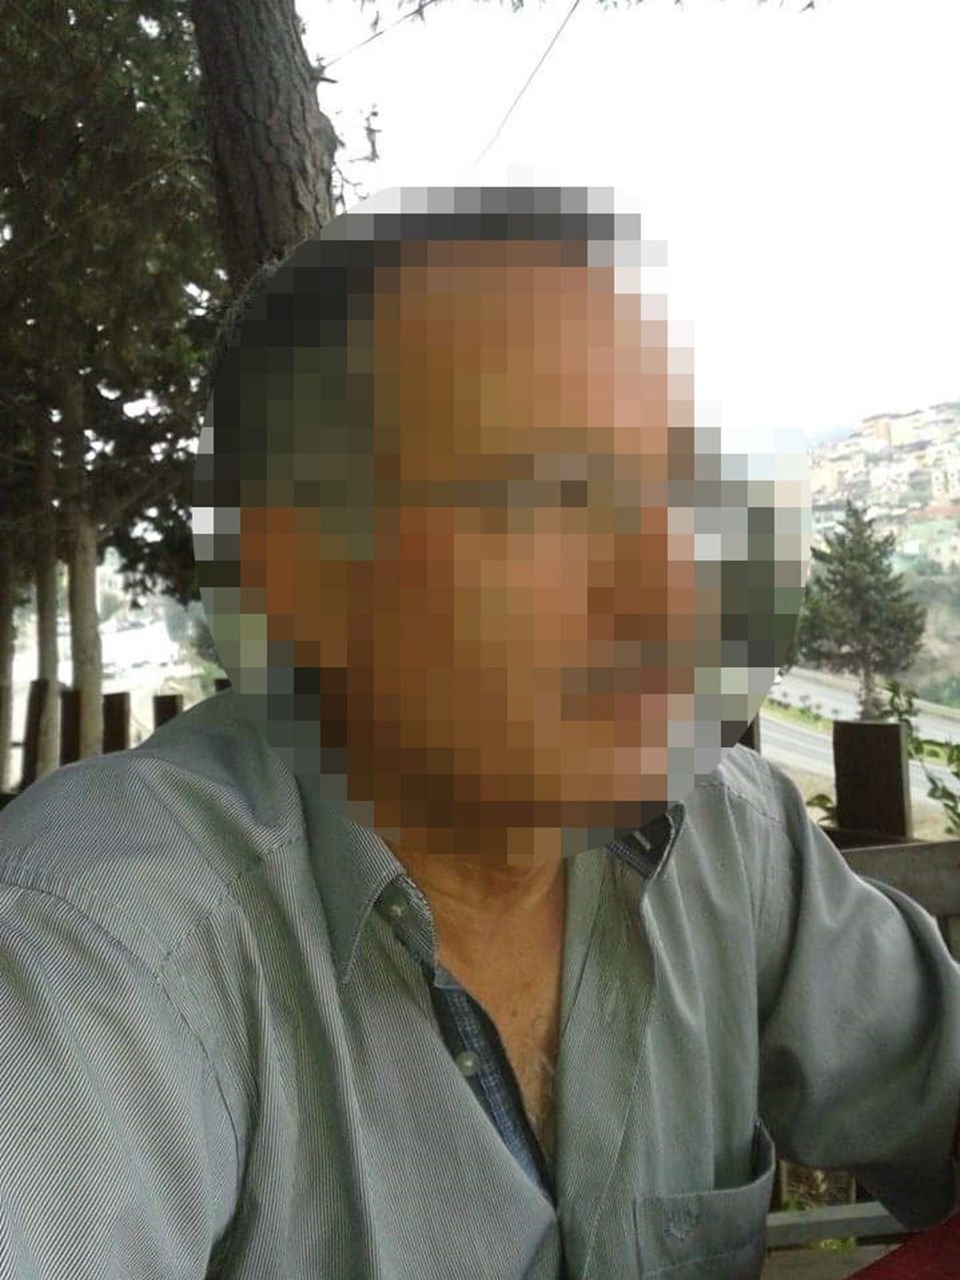 H.İ.Ö. gözaltına alınması sonrasında serbest bırakıldı.